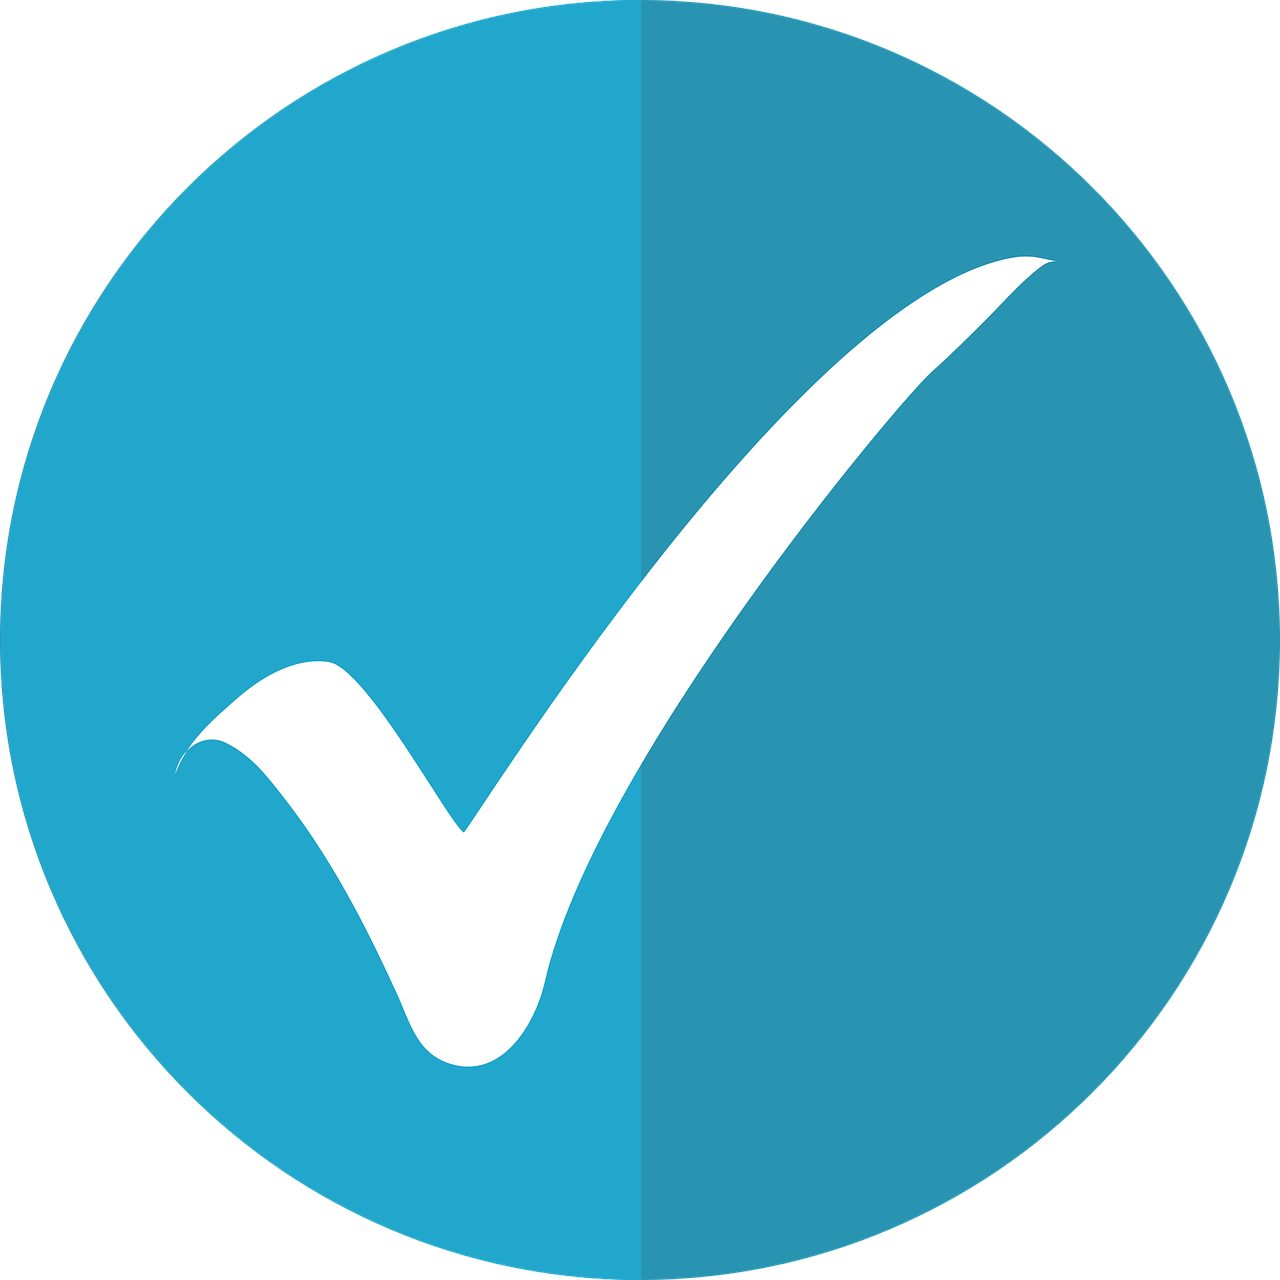 checkmark-icon-2797531_1280